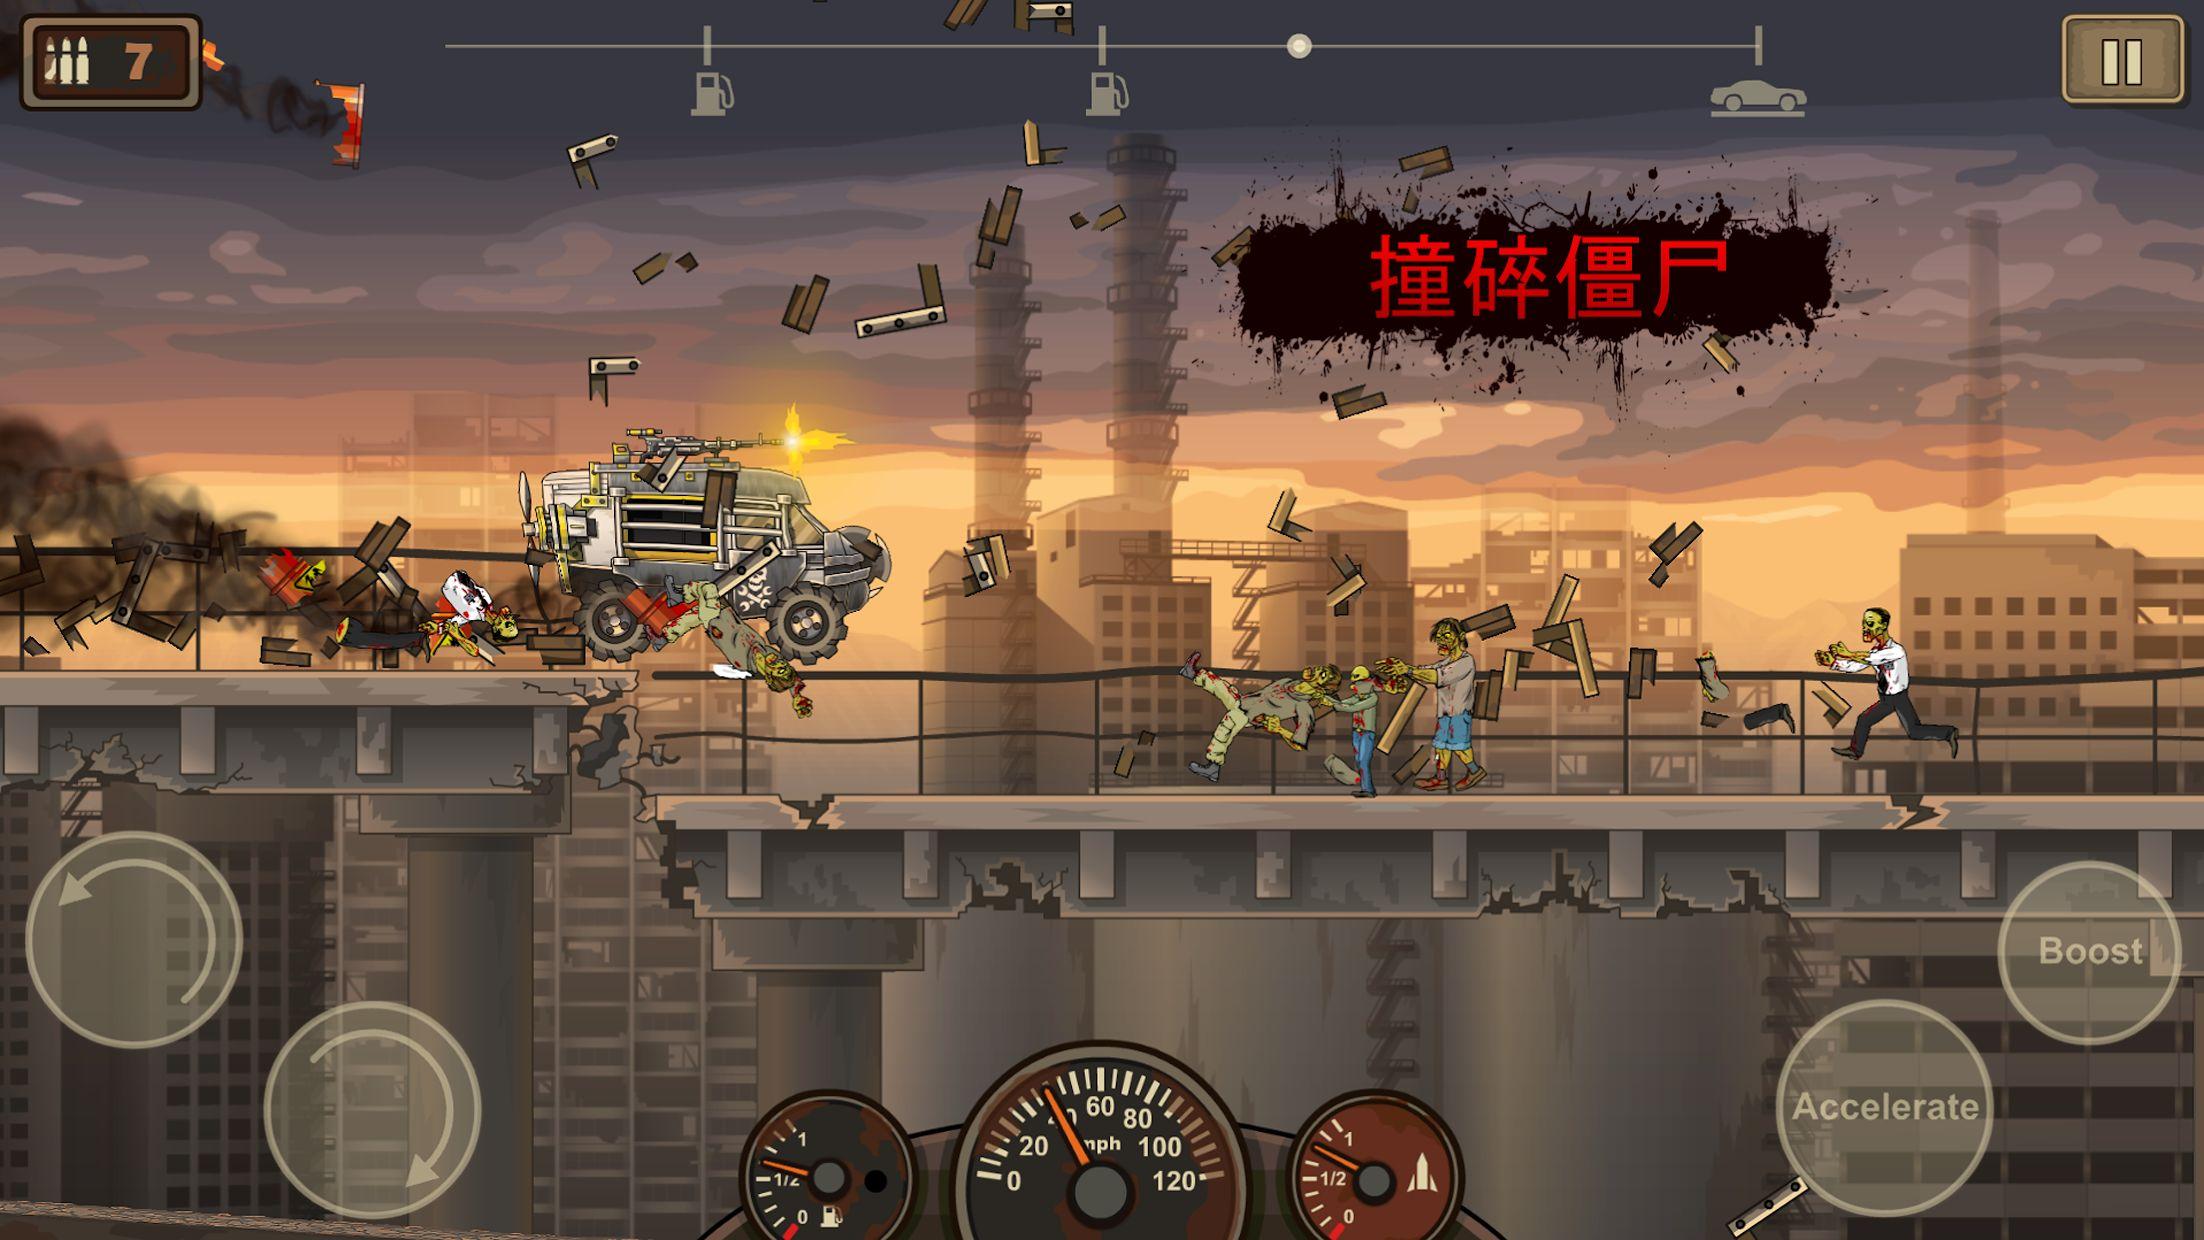 战车撞僵尸2 (Earn to Die 2) 游戏截图1